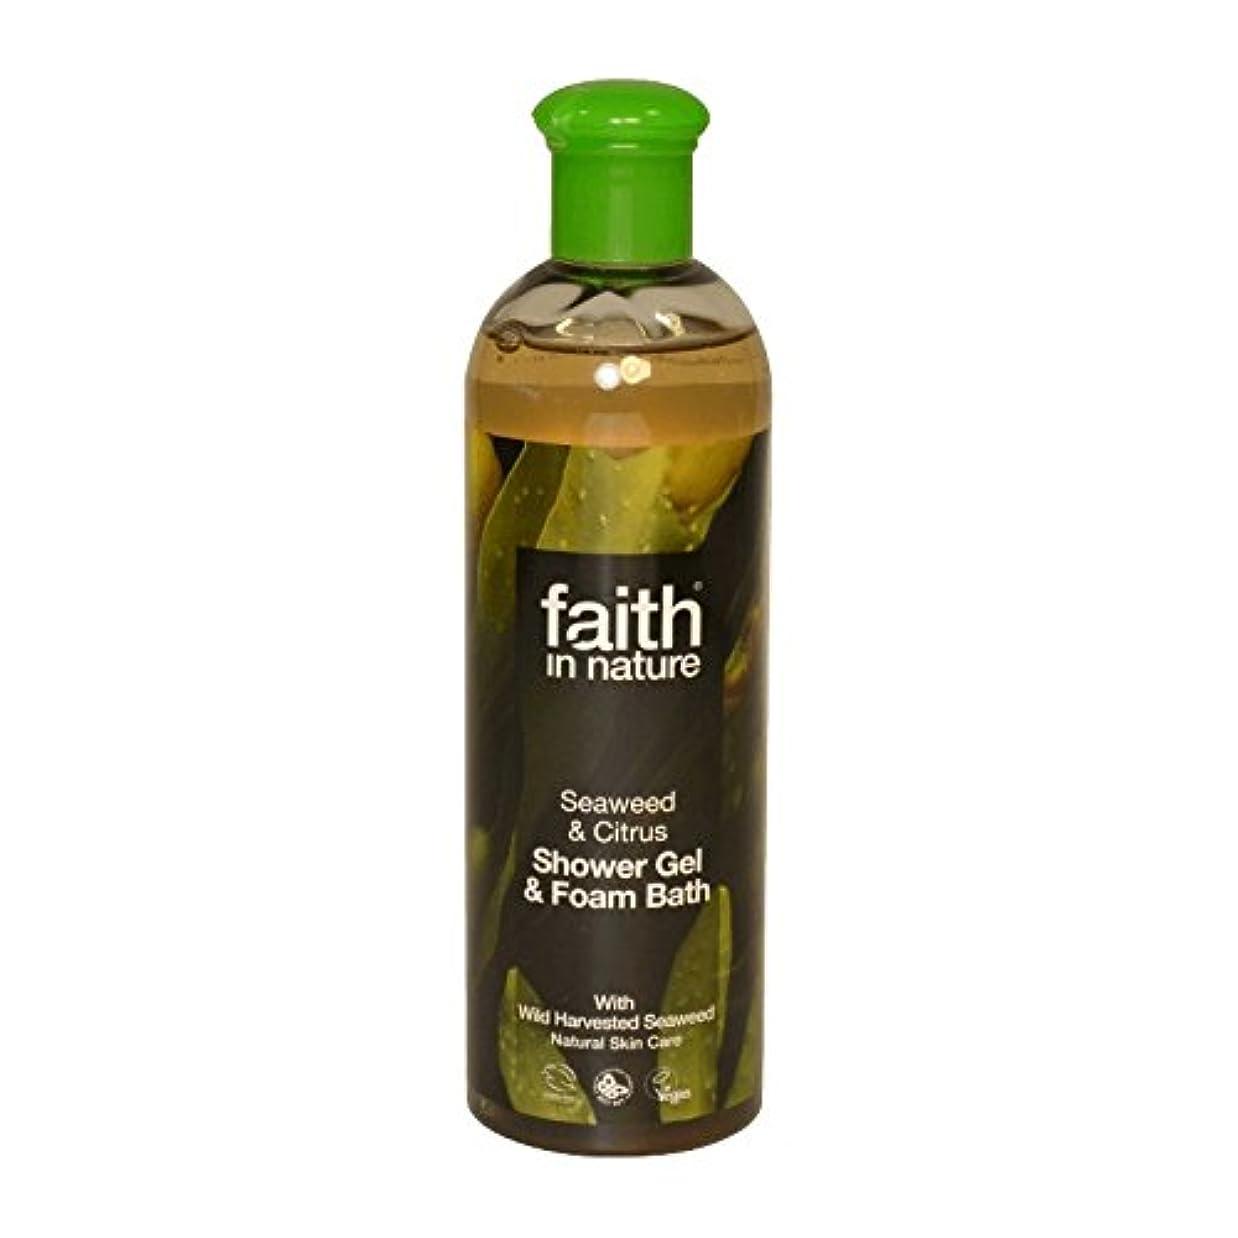 外側交響曲恐怖症Faith in Nature Seaweed & Citrus Shower Gel & Bath Foam 400ml (Pack of 2) - 自然の海藻&シトラスシャワージェル&バス泡400ミリリットルの信仰 (x2) [並行輸入品]